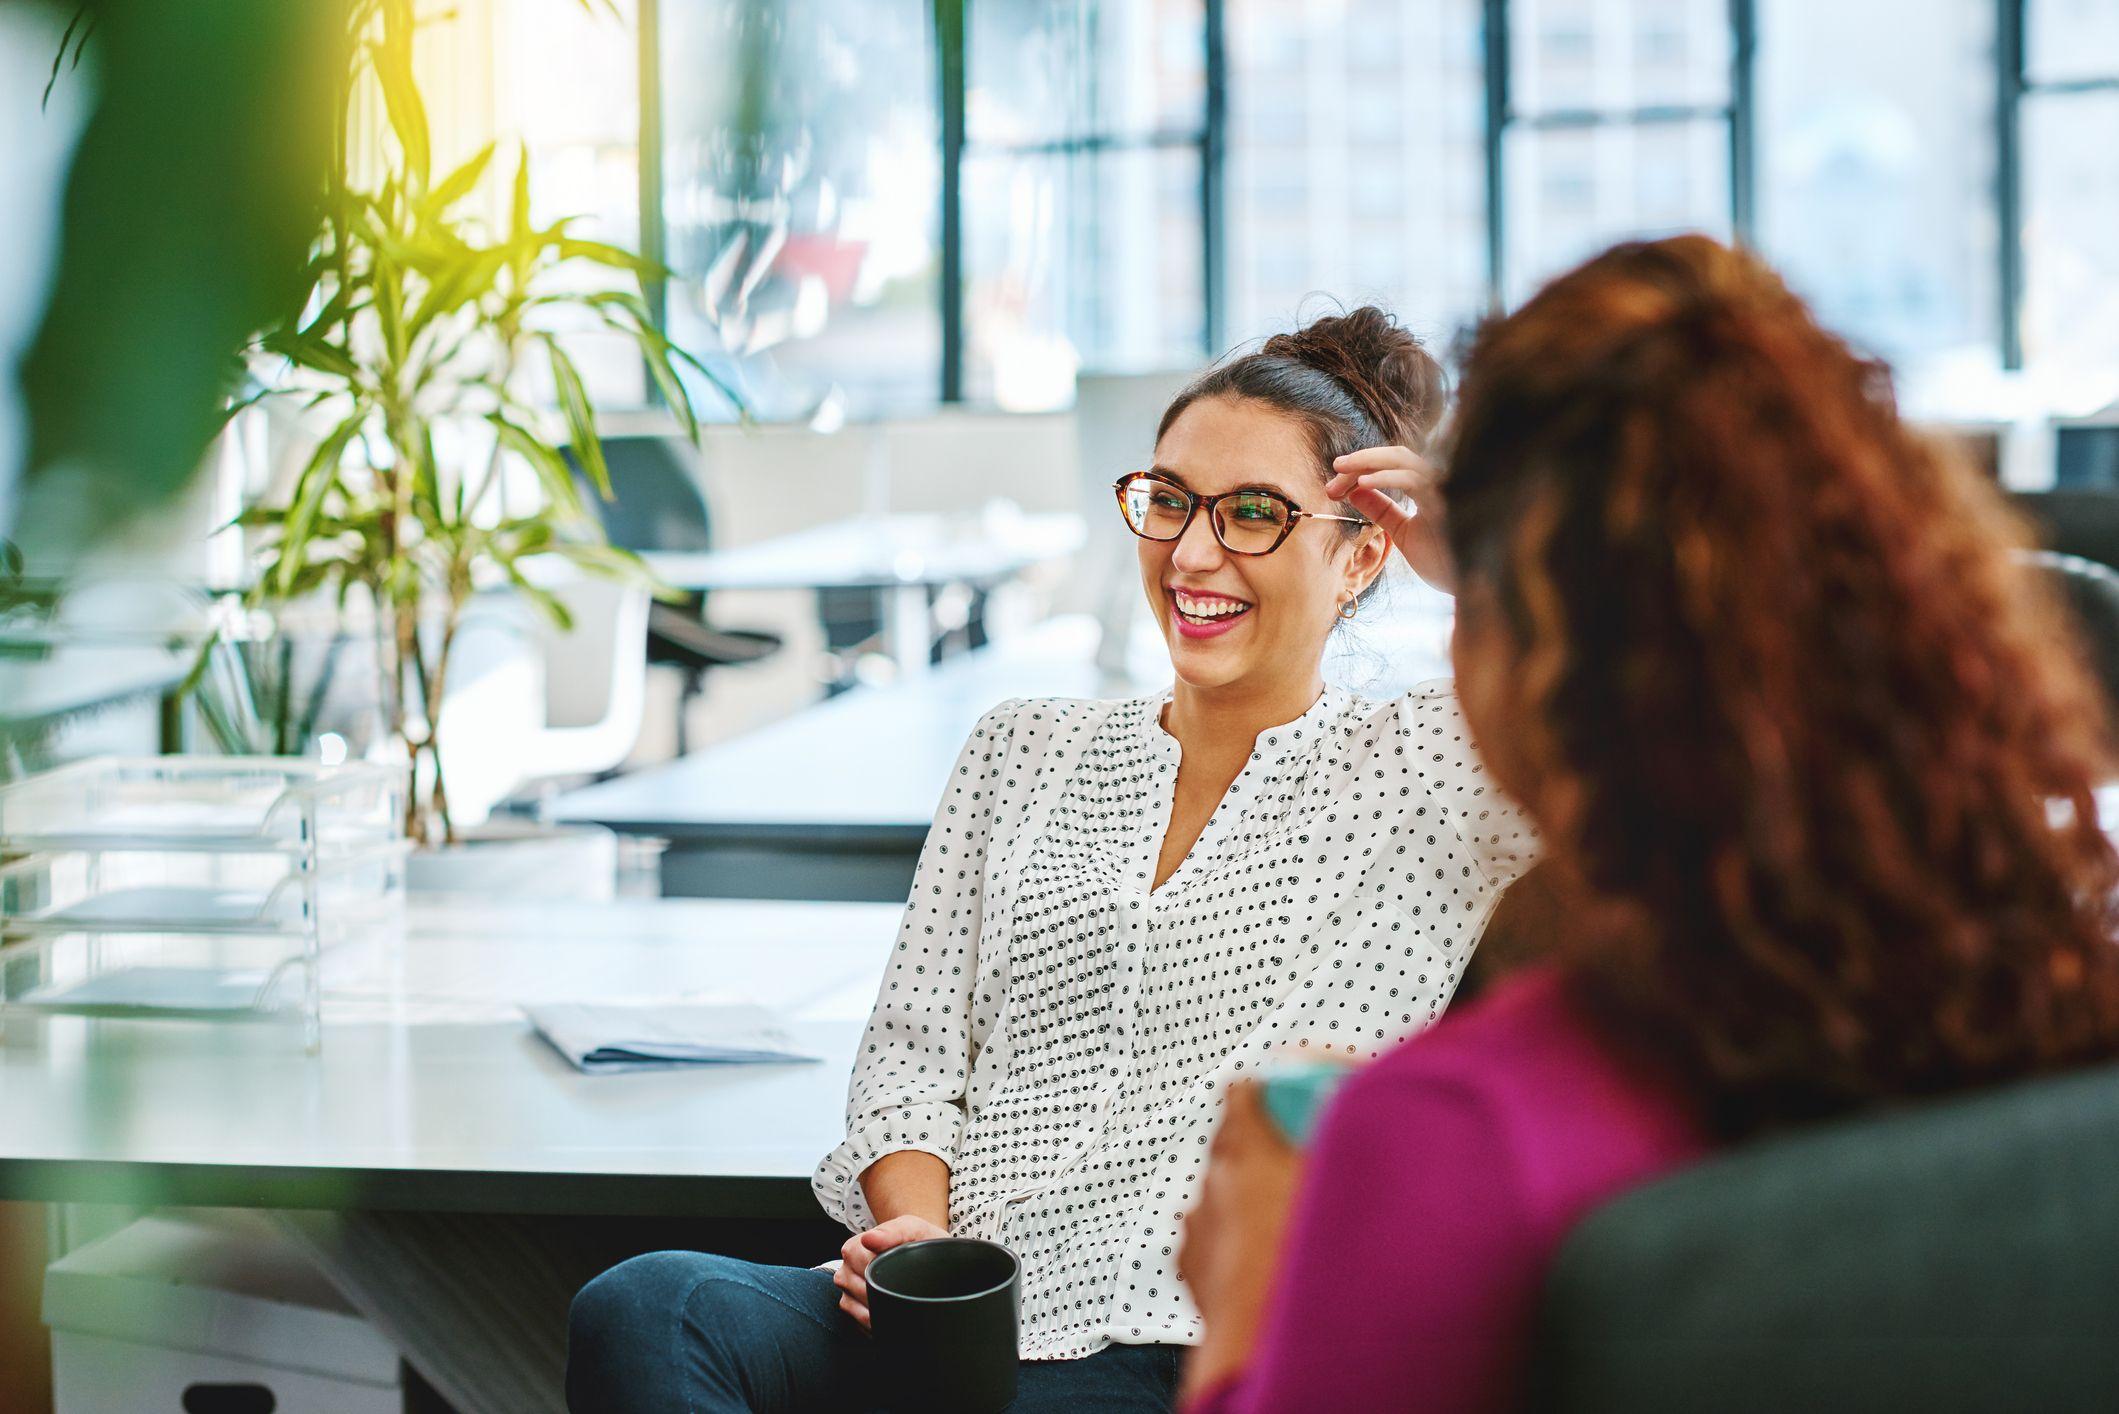 Které benefity vám pomohou udržet zaměstnance?